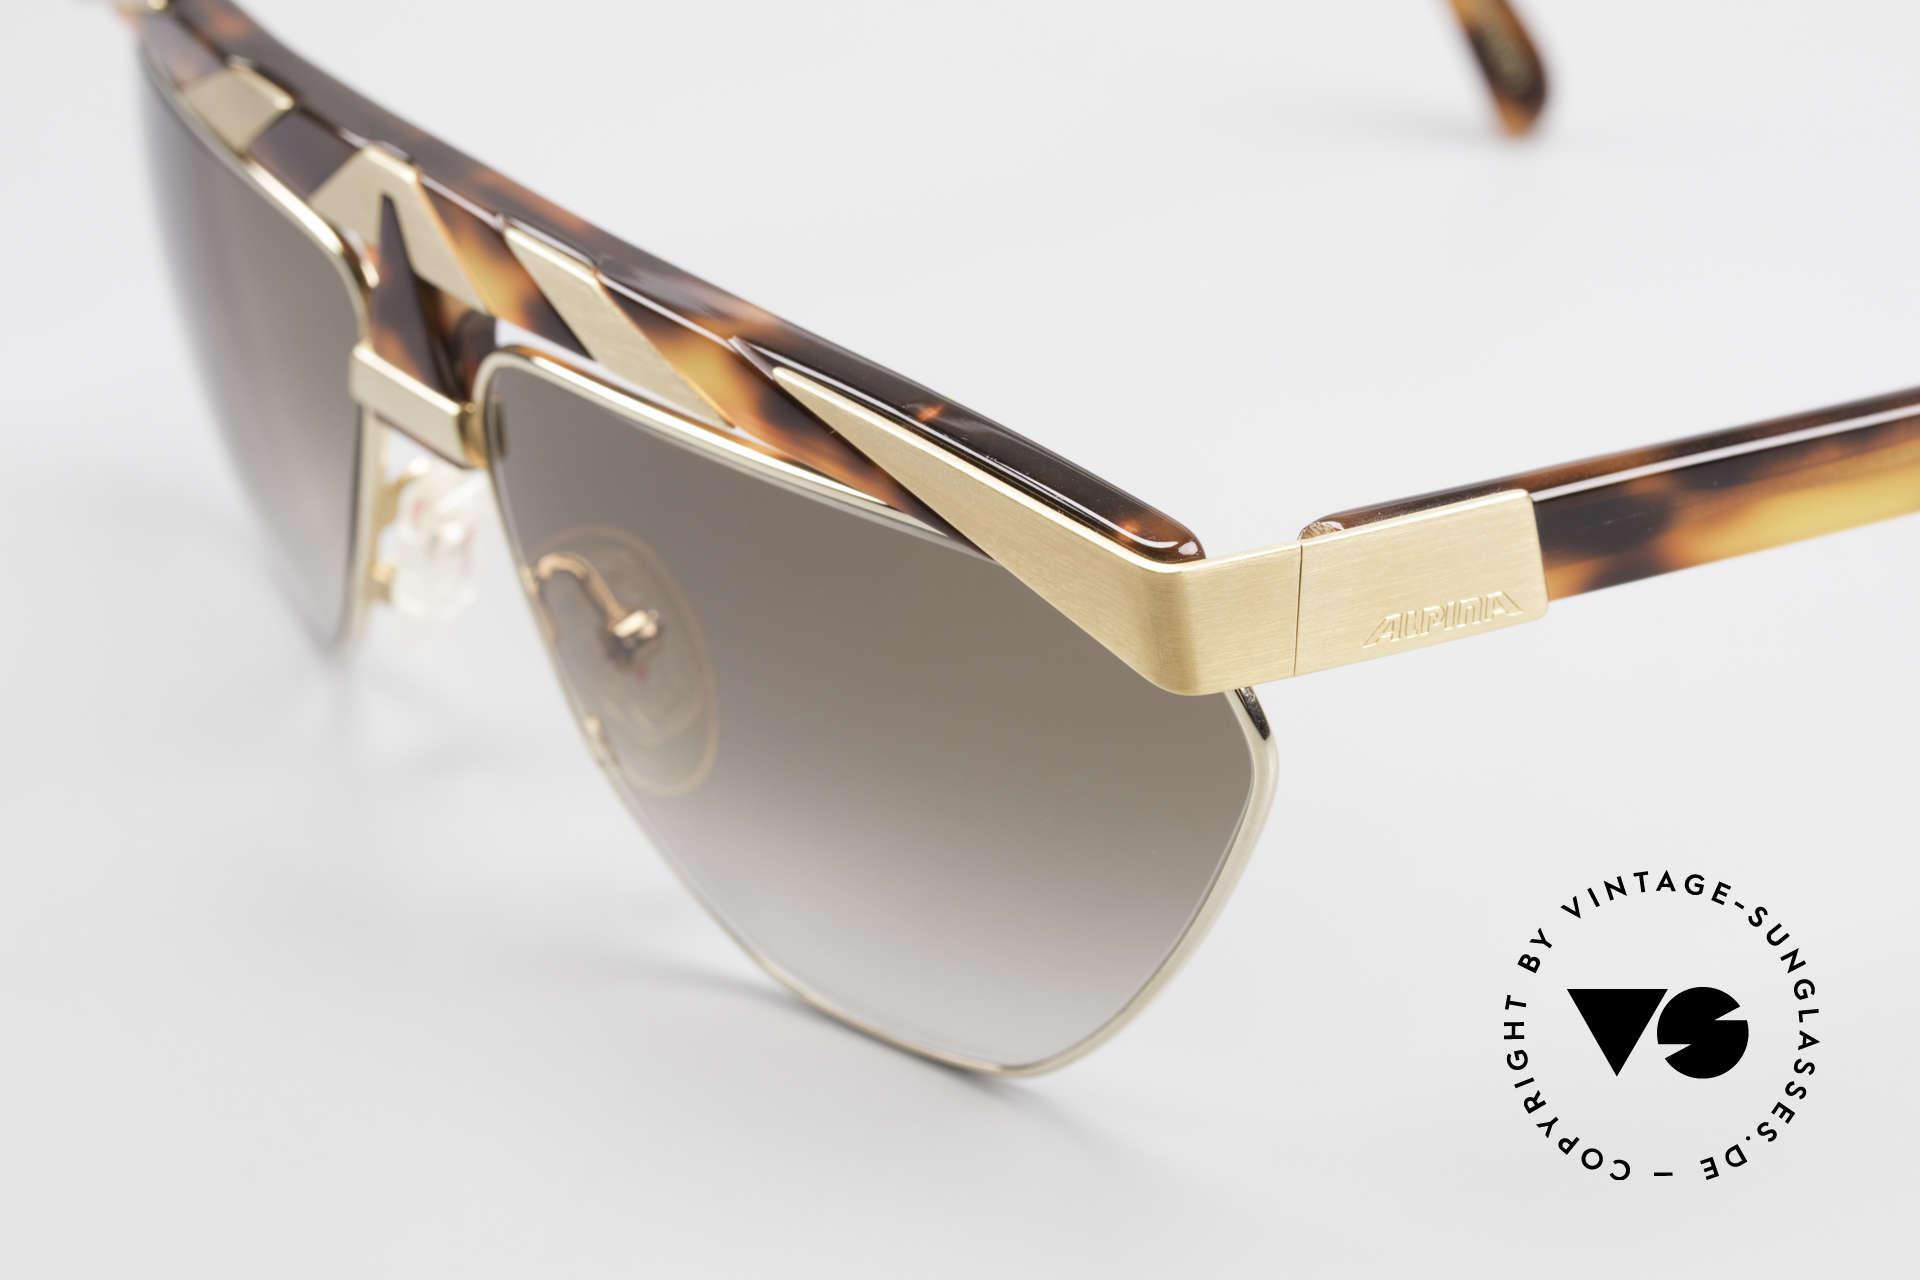 Alpina G84 Vergoldete 80er Sonnenbrille, Top-Qualität (24kt vergoldete Metall-Applikationen), Passend für Herren und Damen